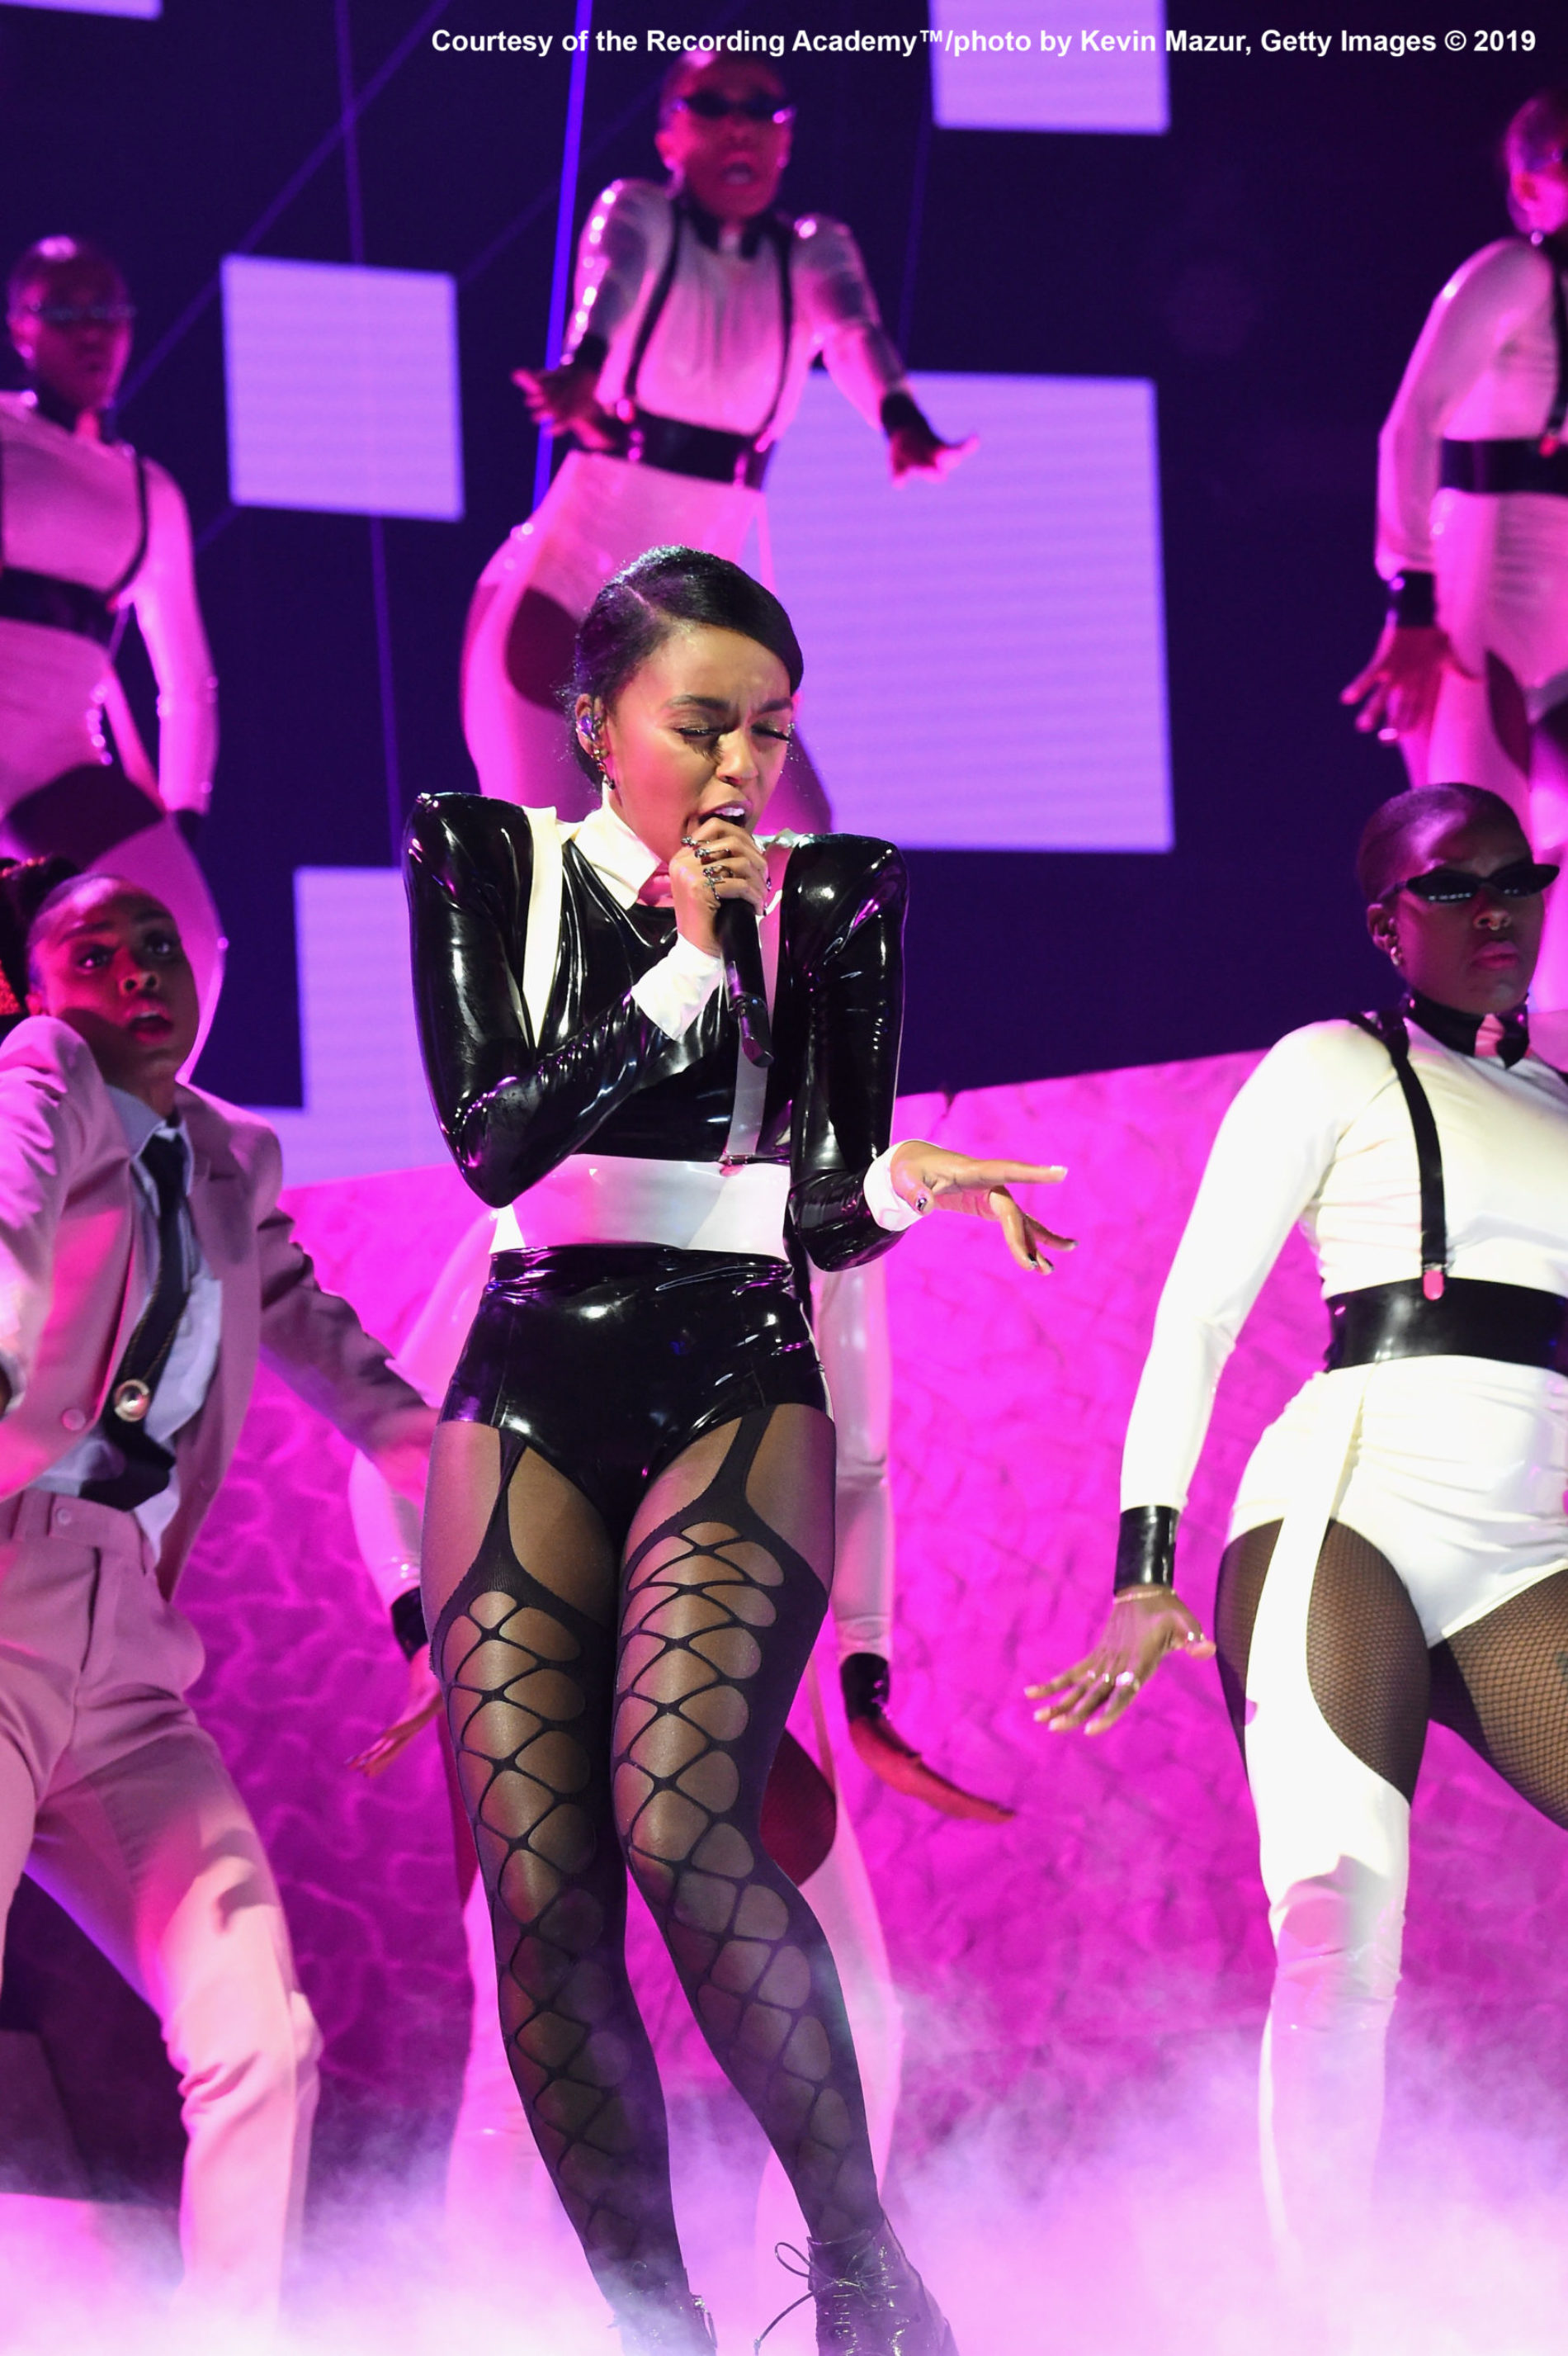 La música está de fiesta con la 62ª entrega de los Grammy Awards®